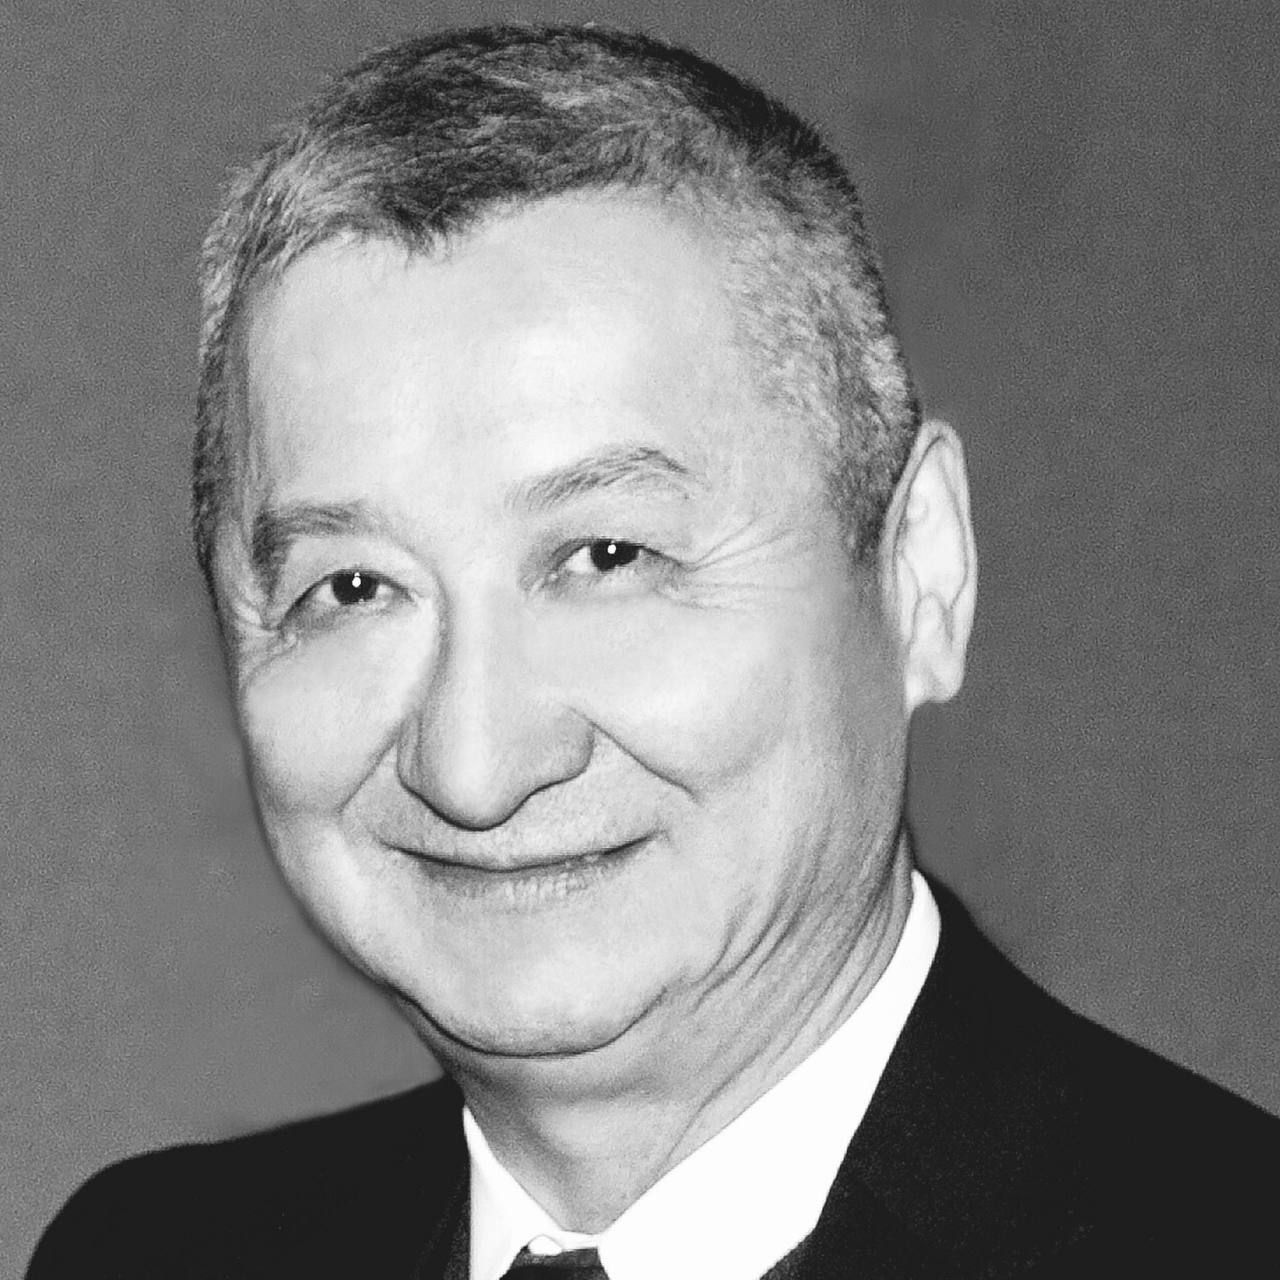 Fred Wang Cheung Yue